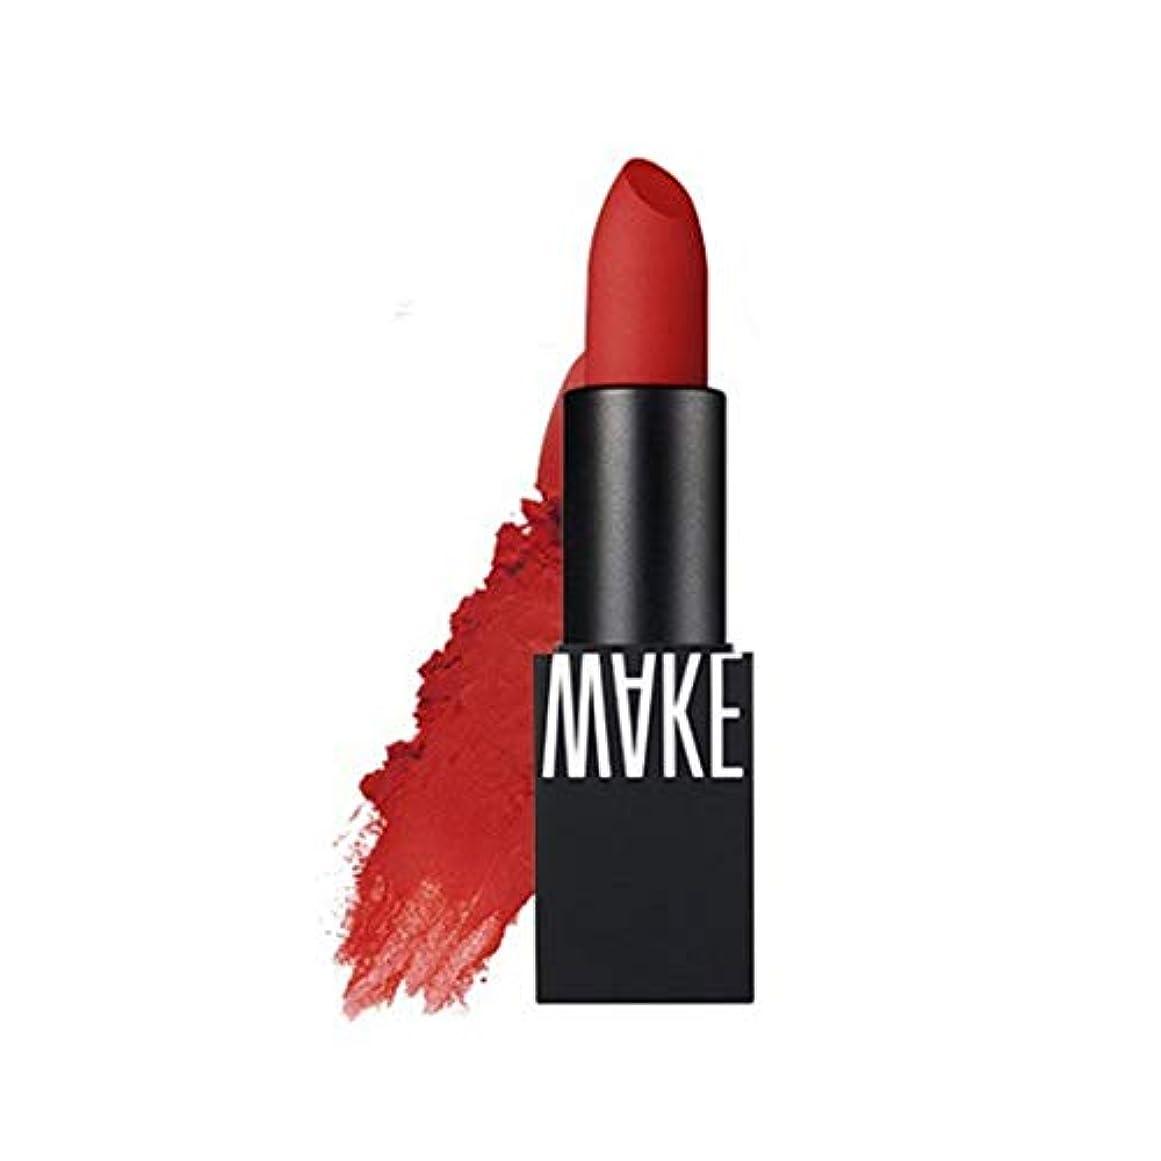 ウェイクメイクルージュゴンゼロリップスティック3.4g、Wakemake Rouge Gun Zero Lipstick 3.4g [並行輸入品] (Kill Me Red)